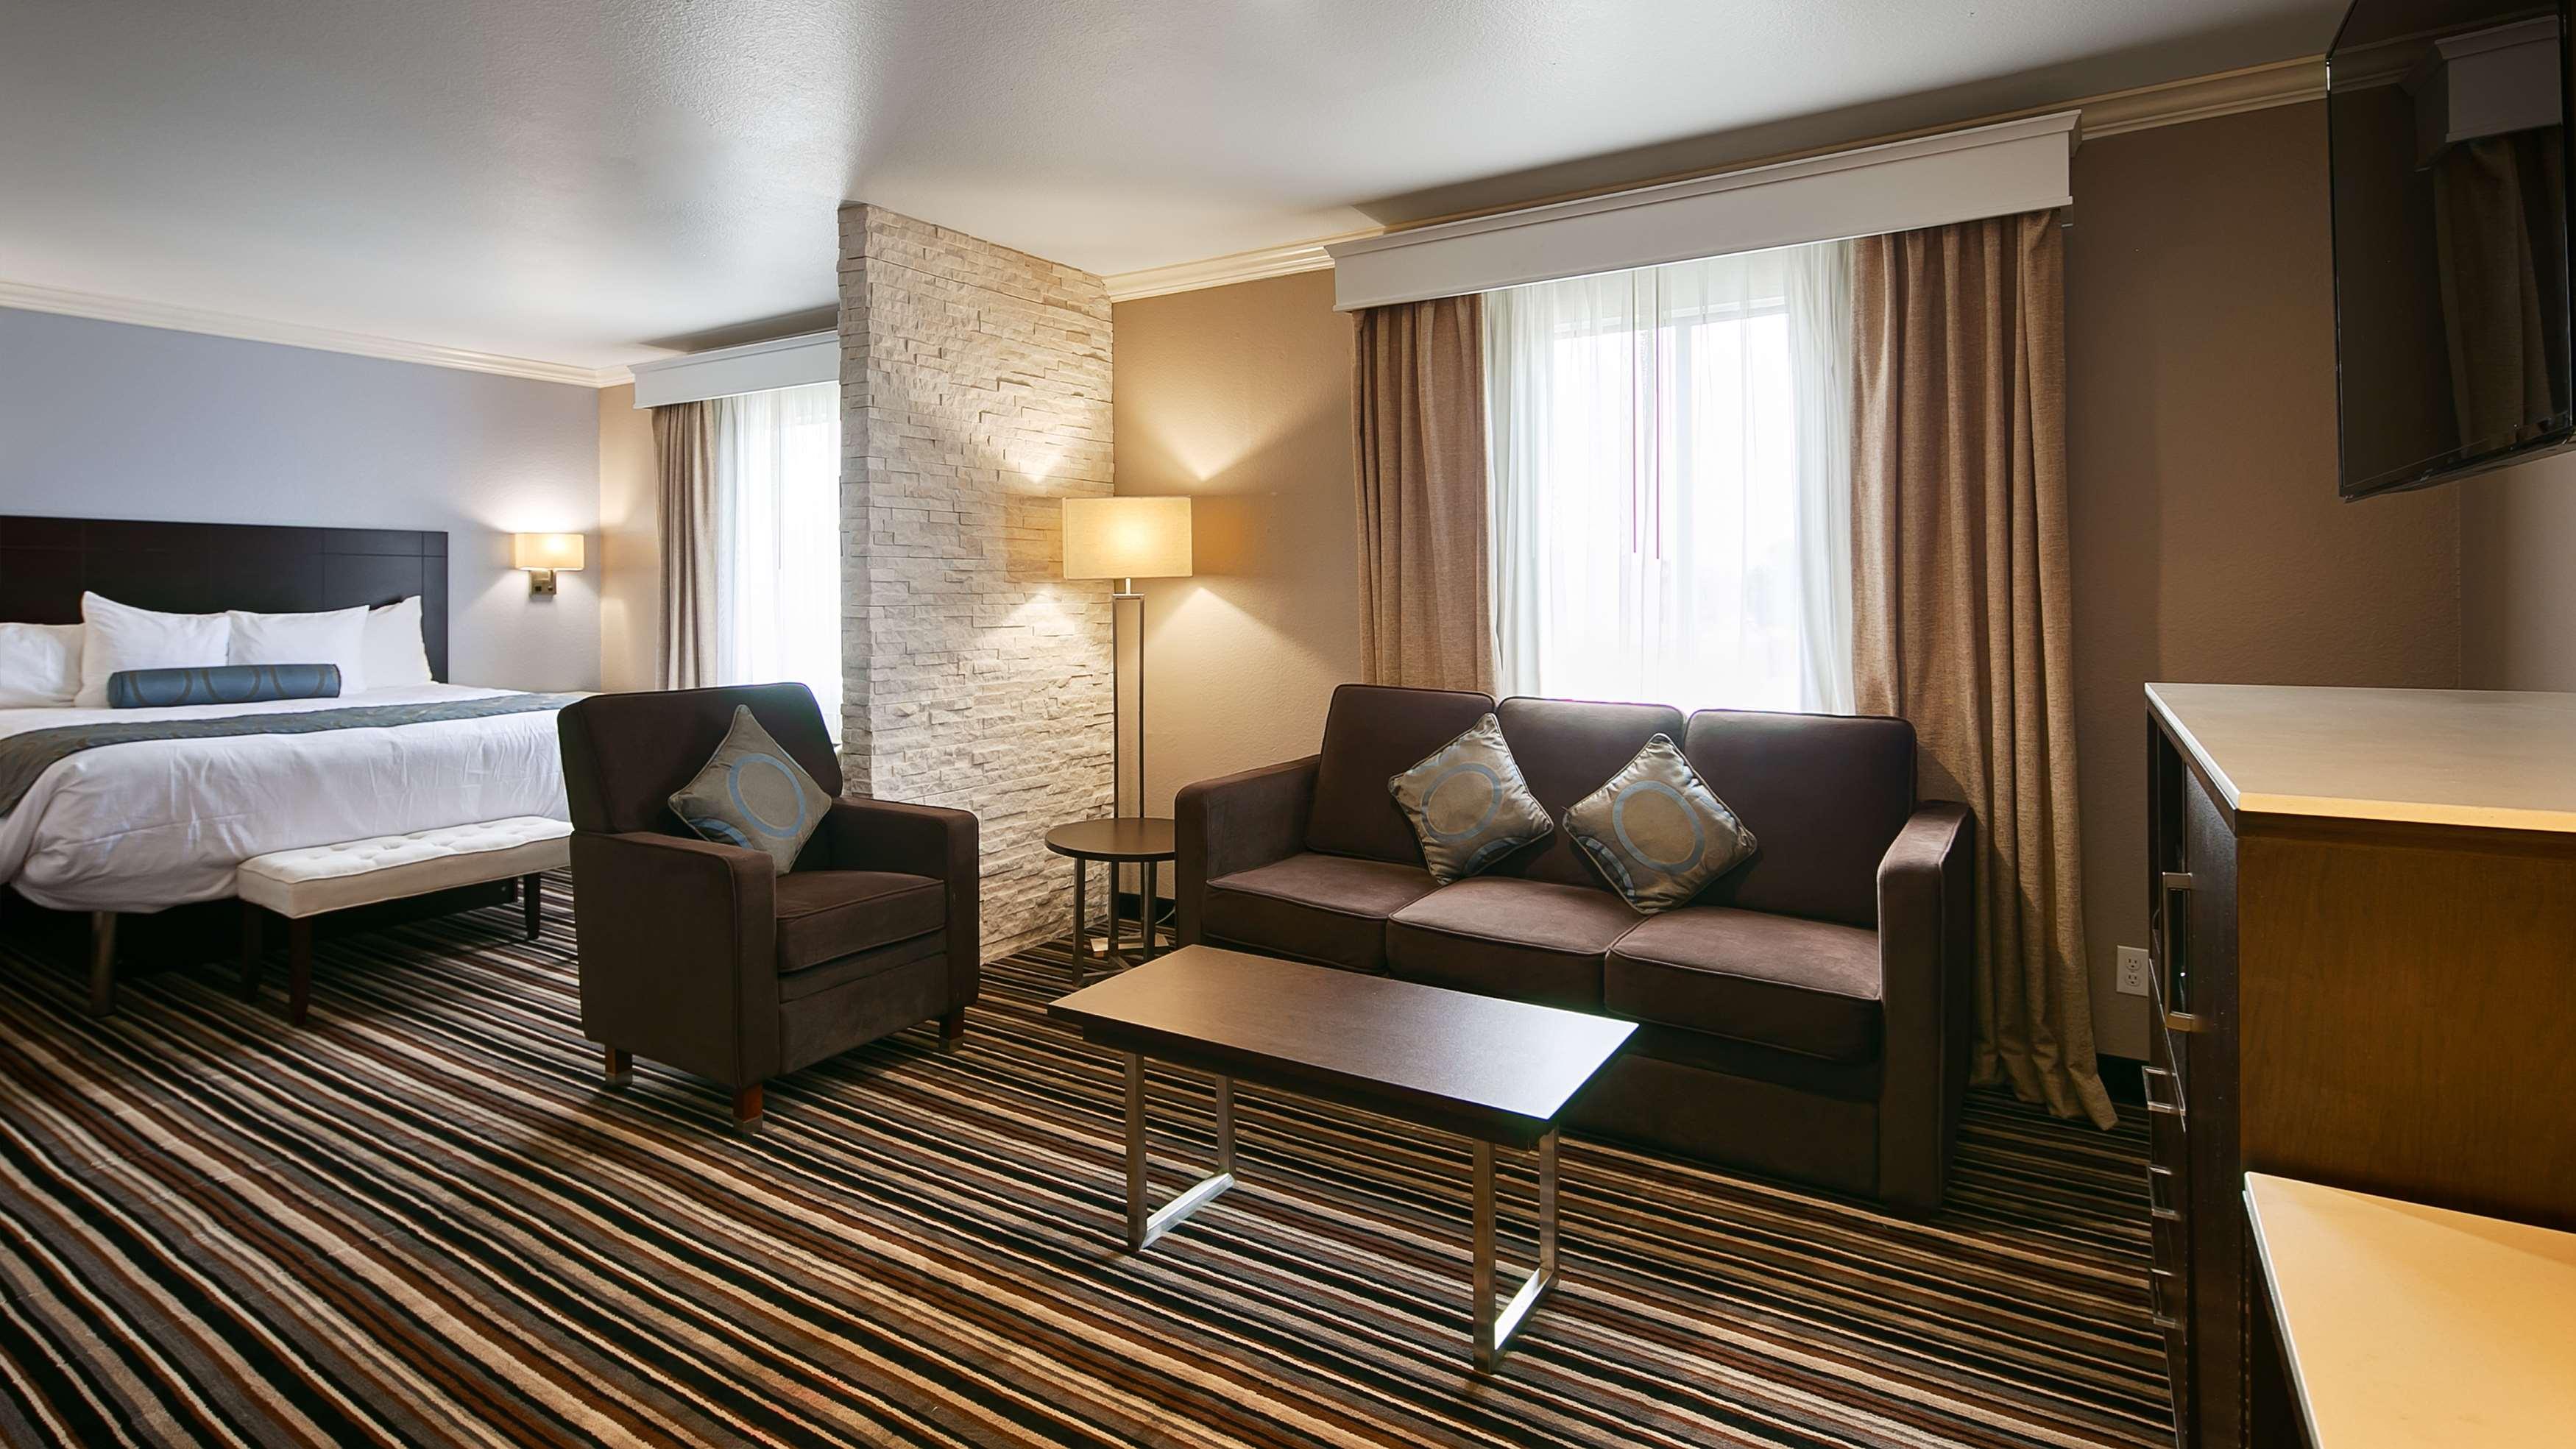 Best Western Plus Diamond Valley Inn In Hemet Ca 92545